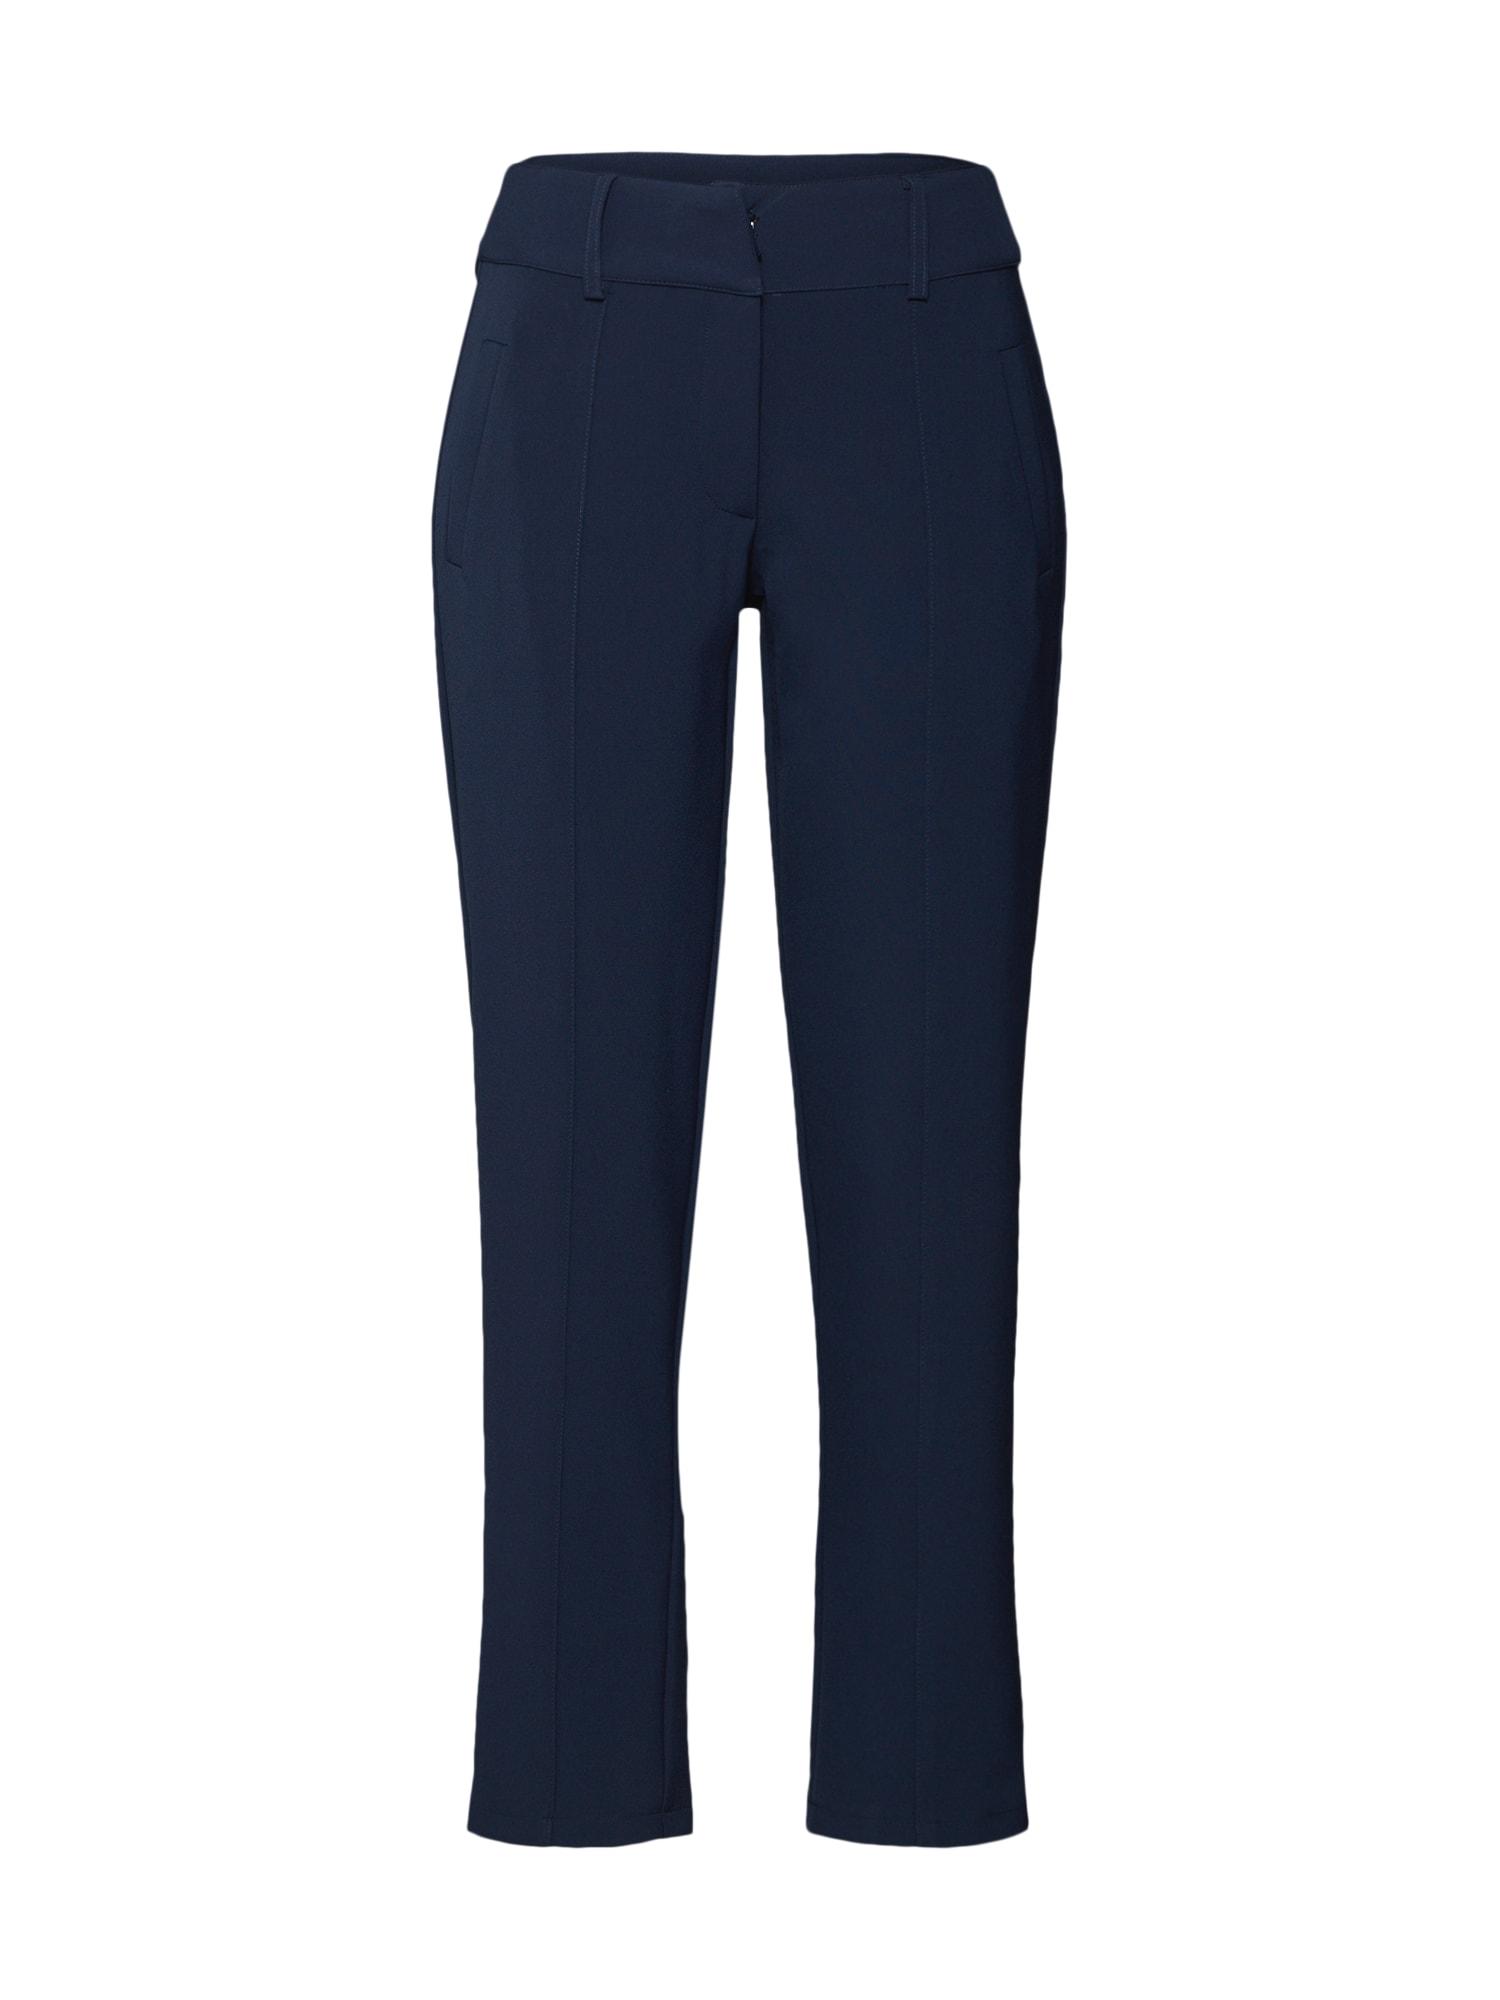 Kalhoty s puky PHOEBE námořnická modř 4th & Reckless